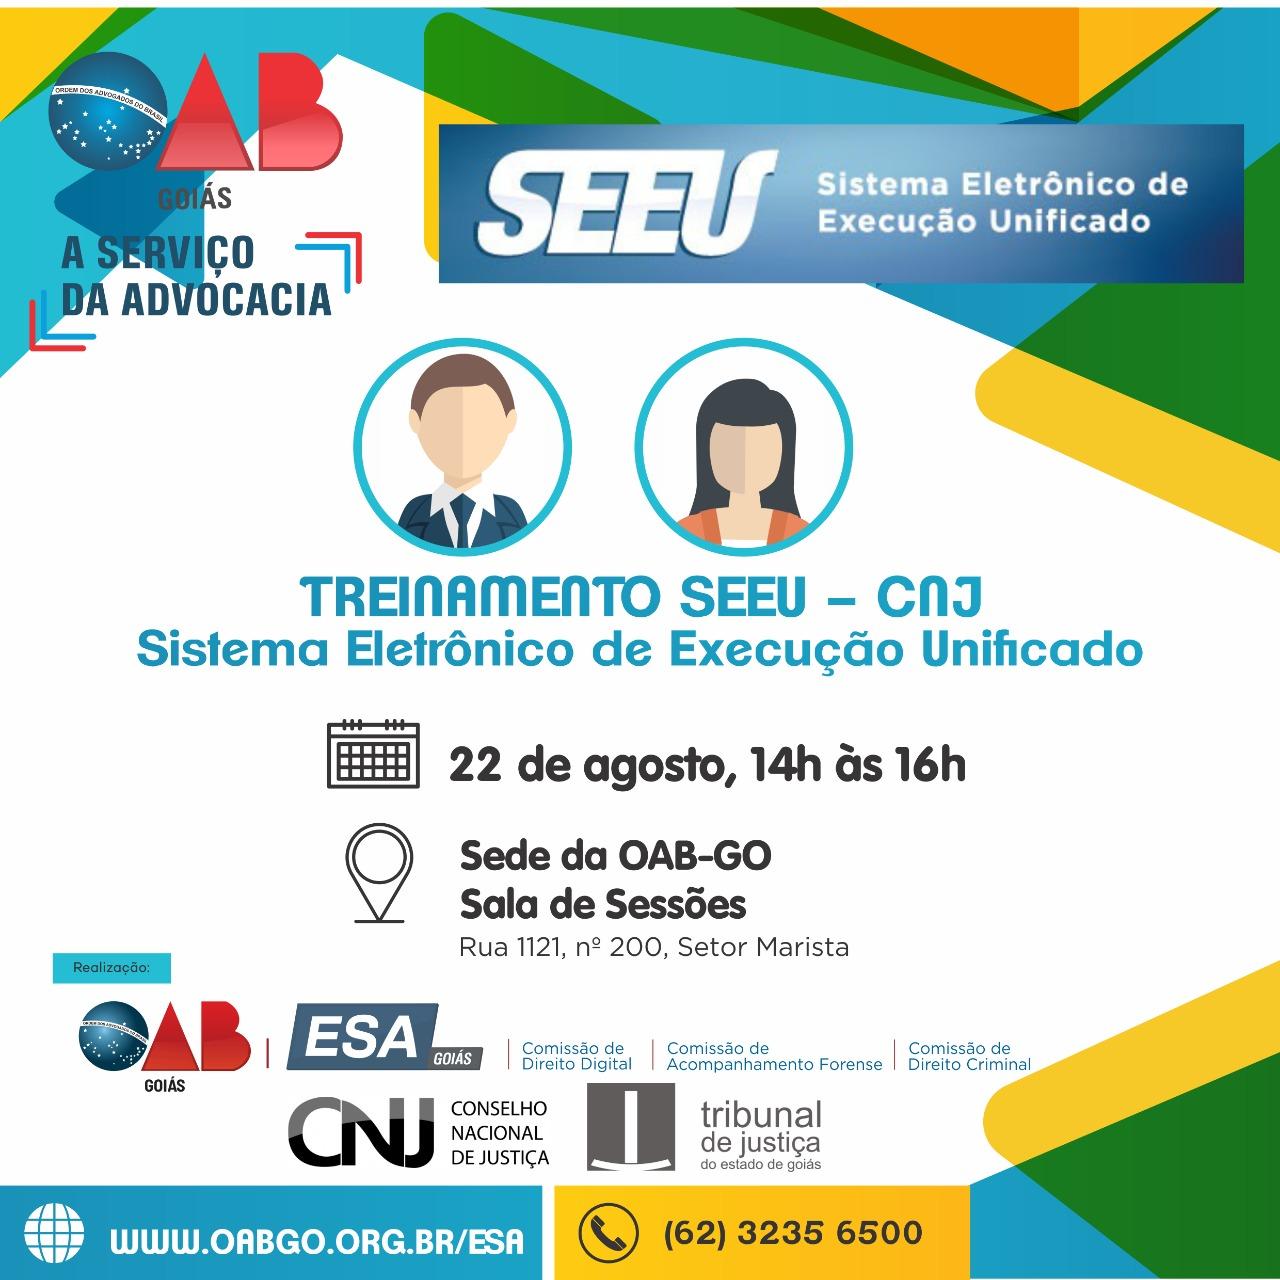 22.08 - Treinamento SEEU - Sistema Eletrônico de Execução Unificado